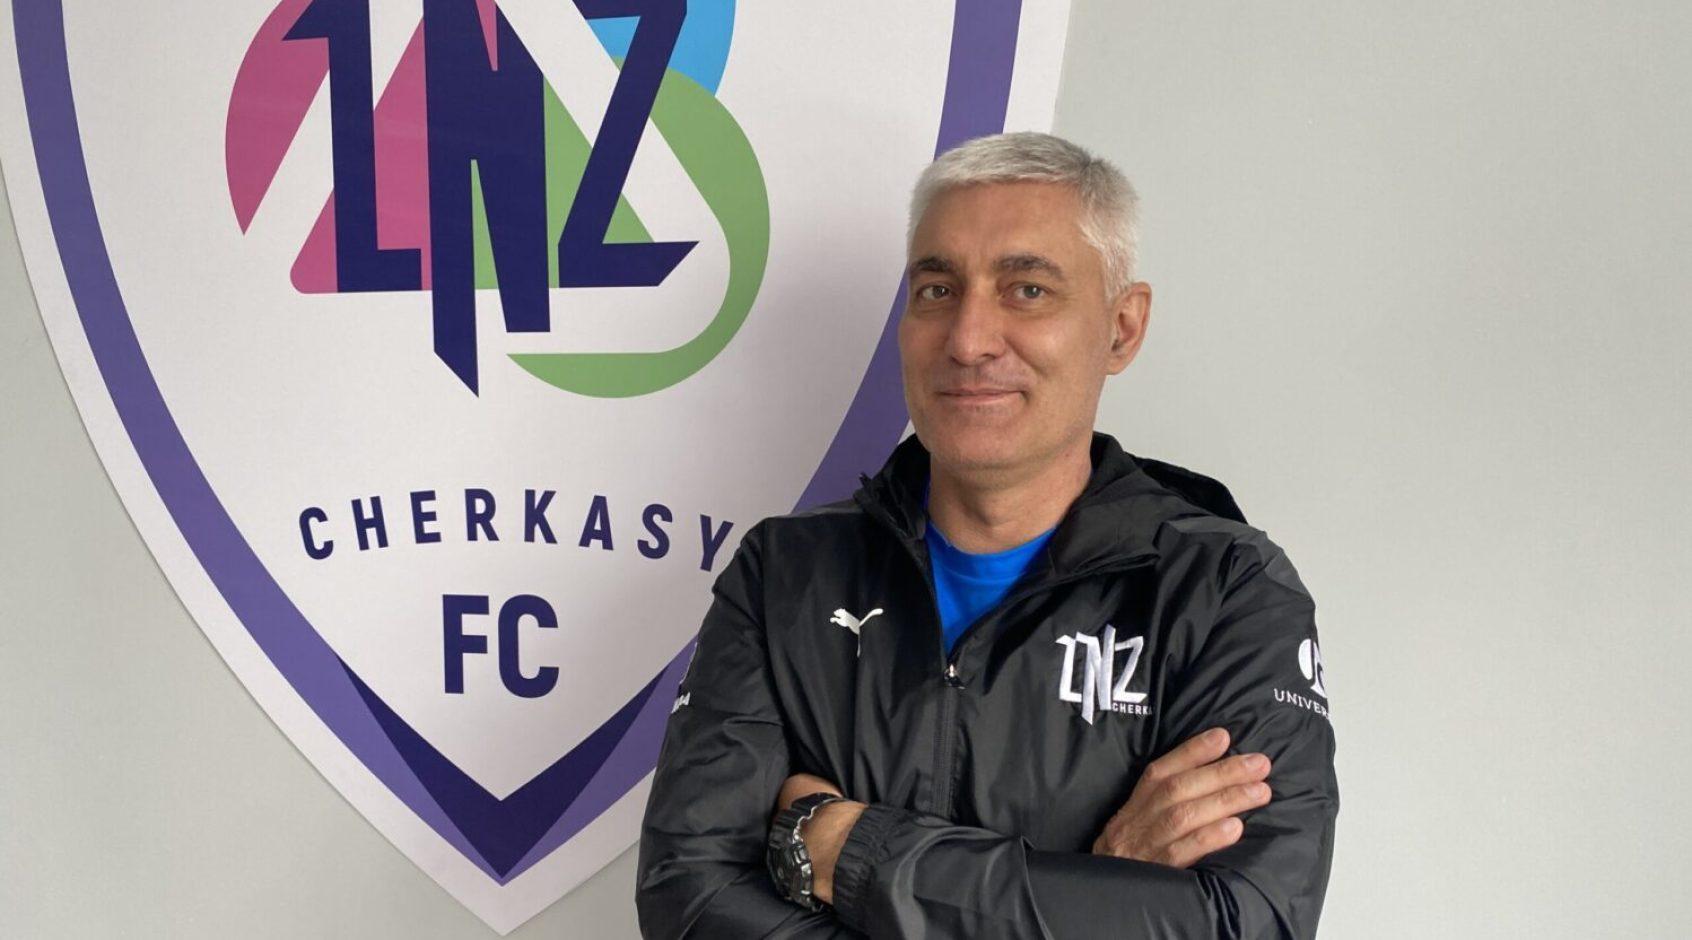 Екстренер збірної України Віталій Шпанюк приєднався до ЛНЗ